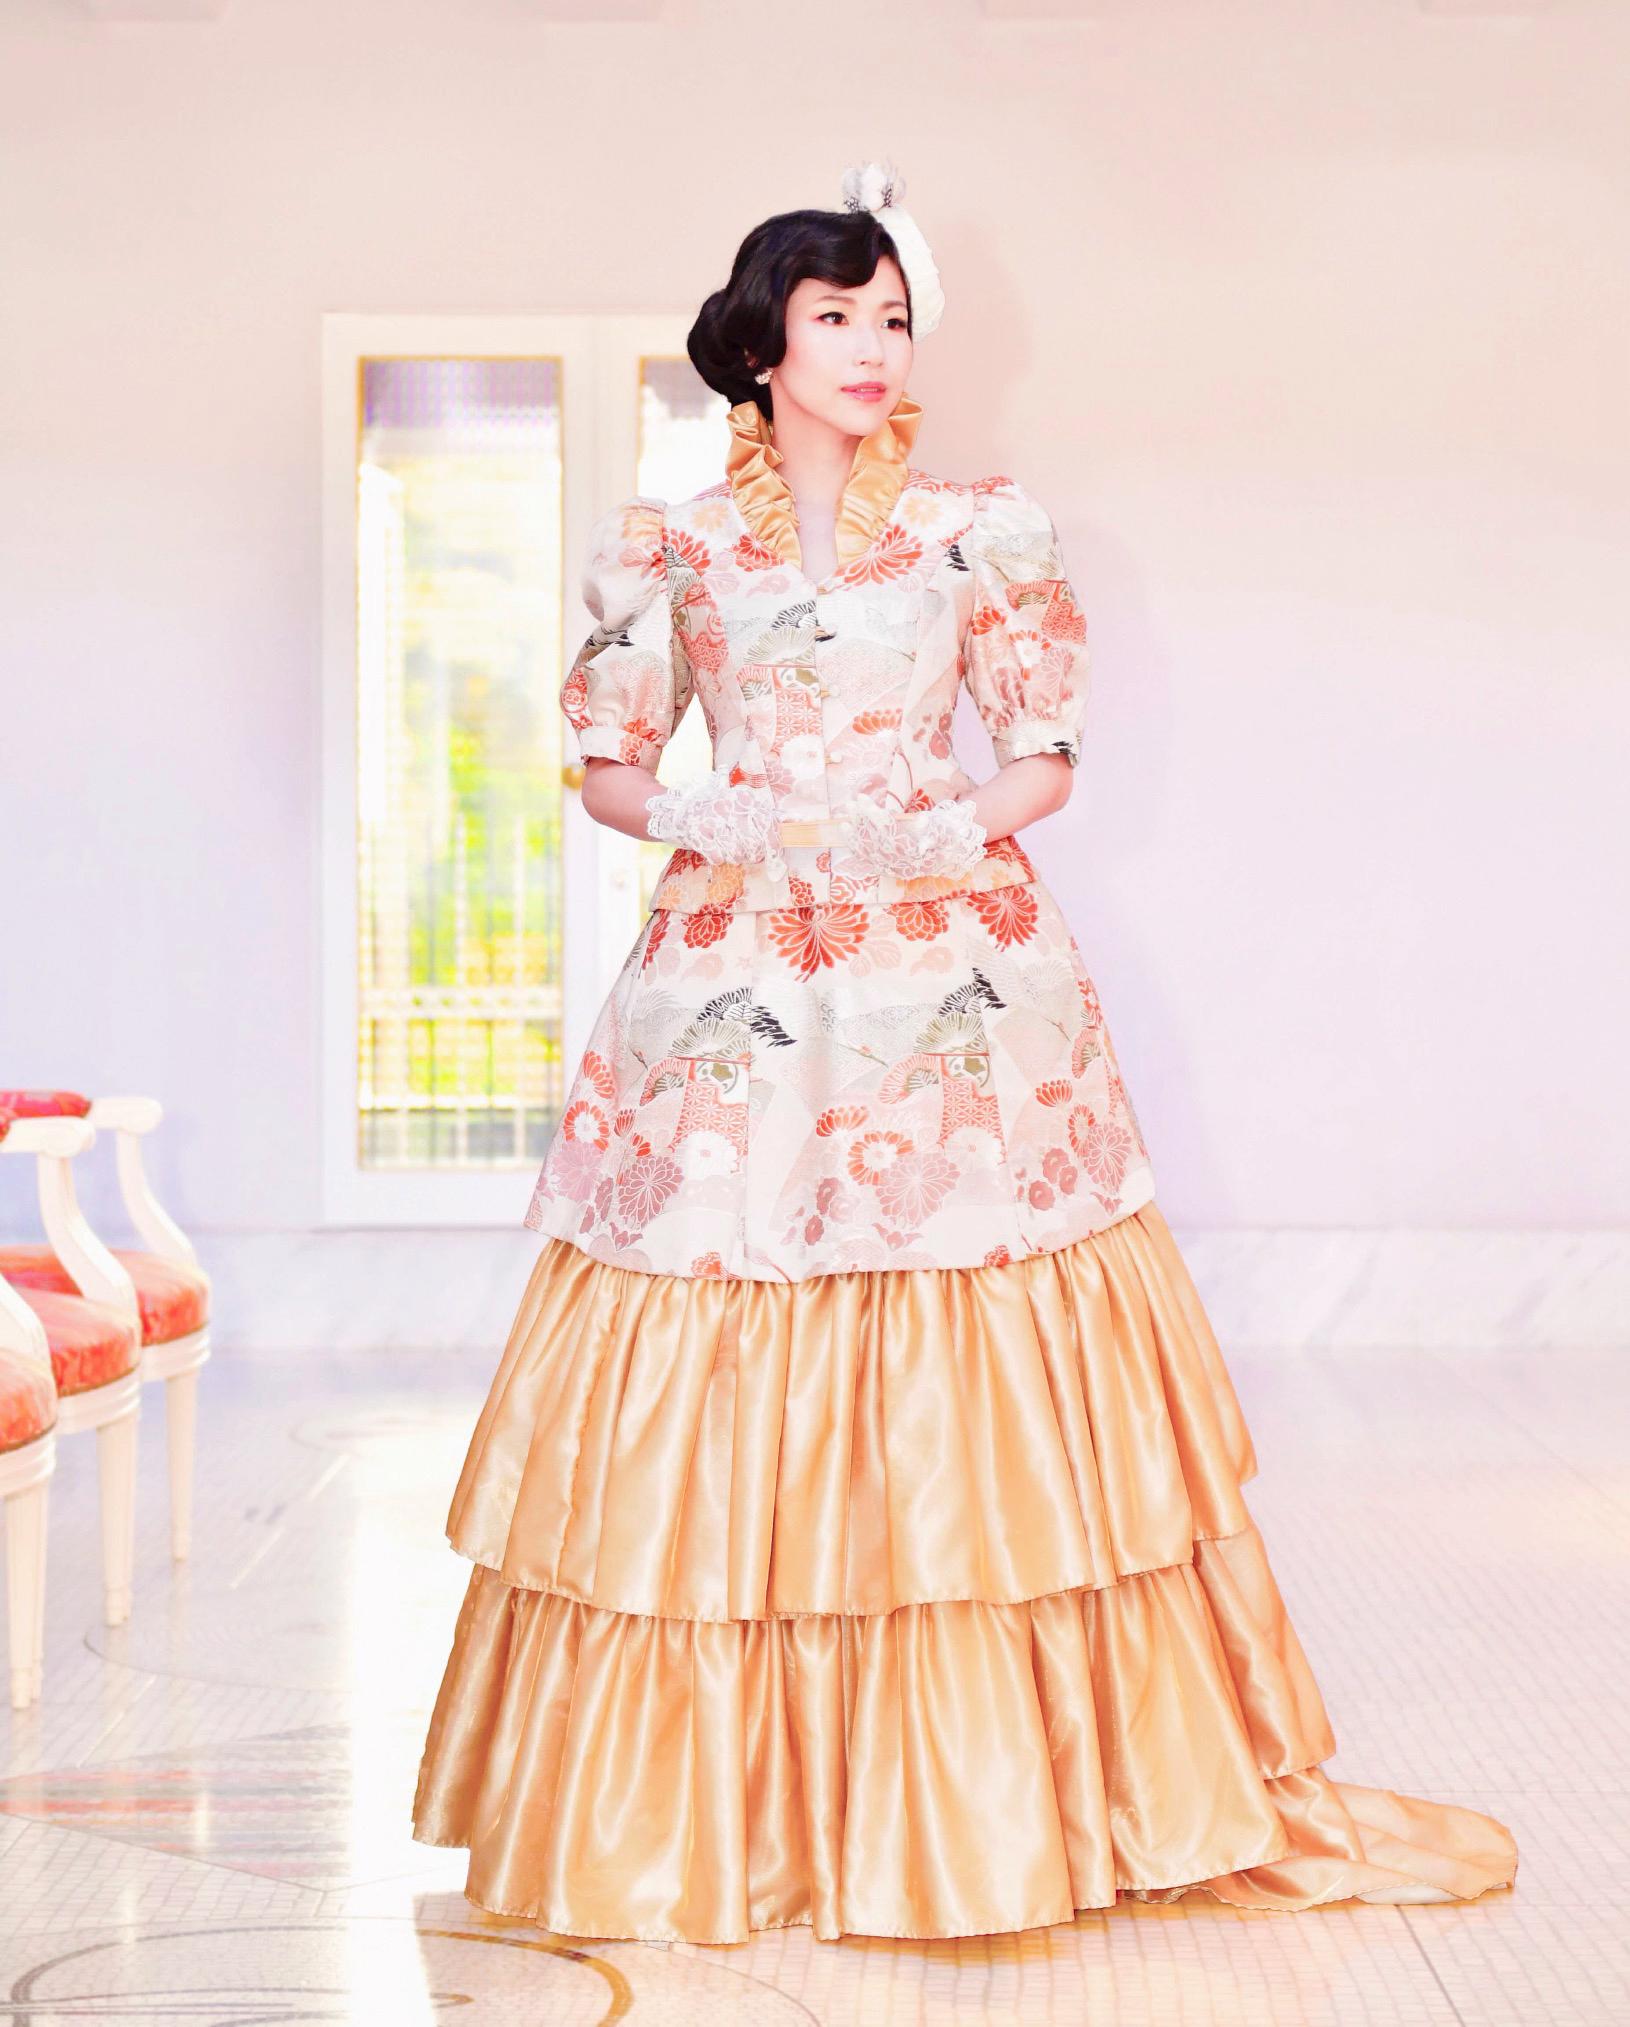 1. モザイクタイルが美しい洋館でドレスを纏う ※